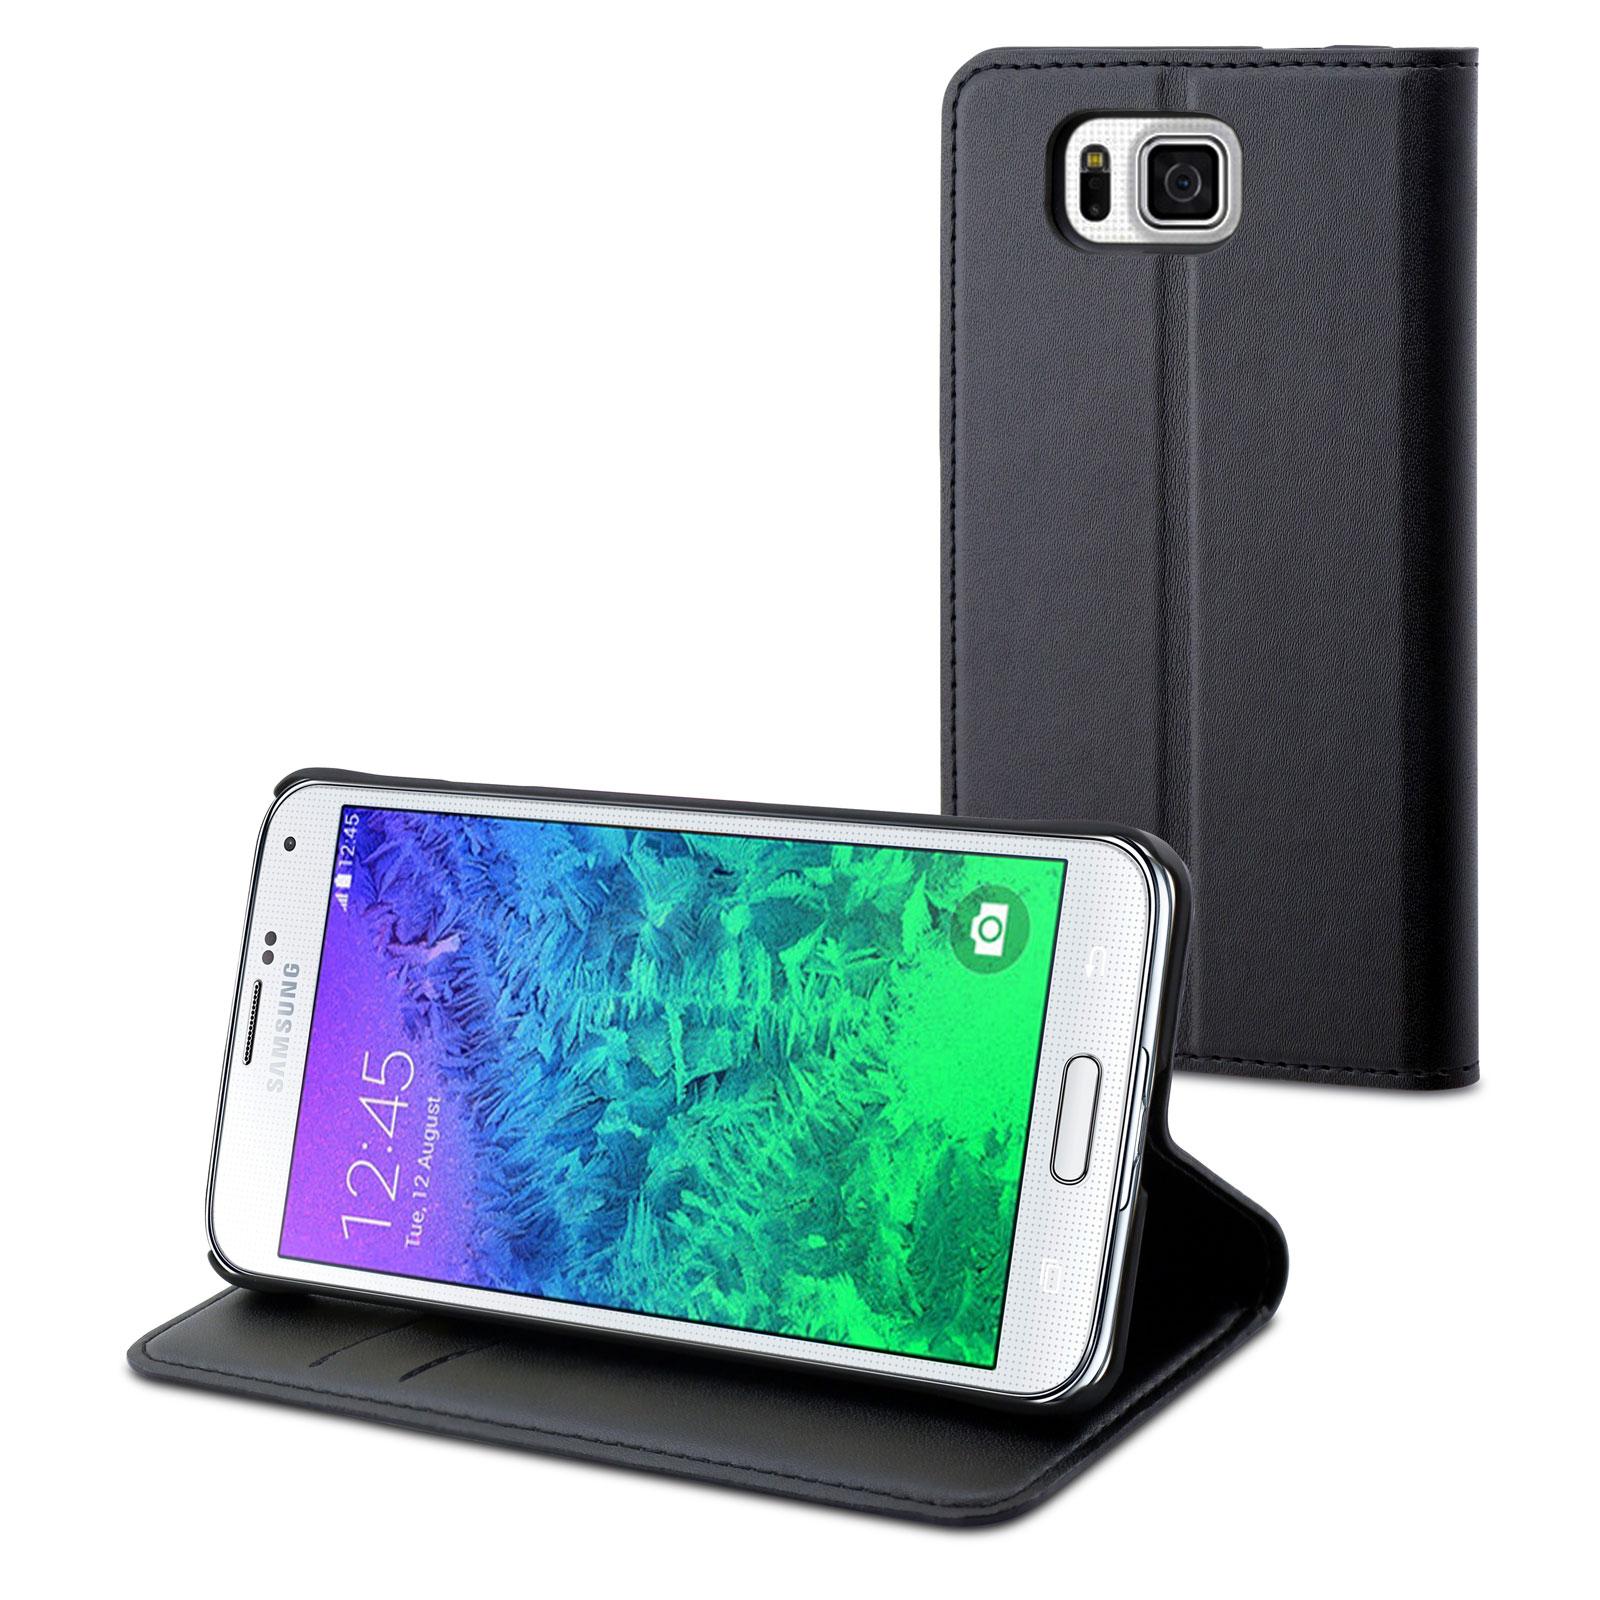 Etui téléphone Muvit Etui Slim S Folio Noir Galaxy Alpha Etui folio pour Samsung Galaxy Alpha